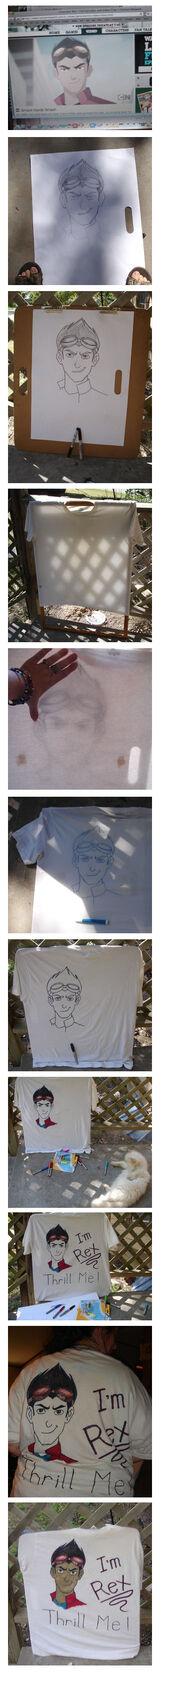 2011 10 rex shirt tutorial